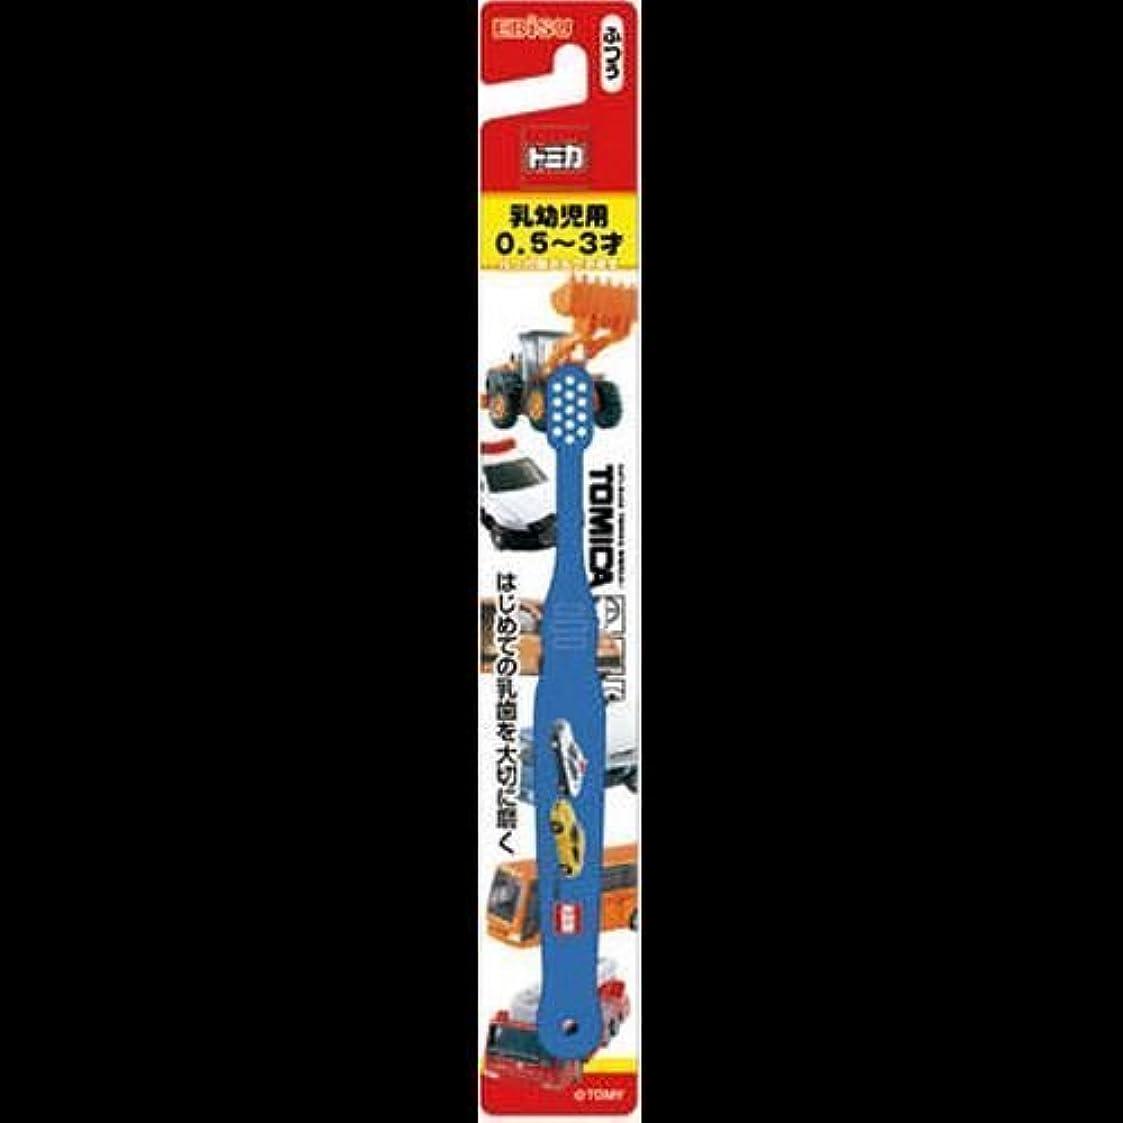 リーン代数的合図【まとめ買い】トミカ ハブラシ 0.5ー3才 ×2セット